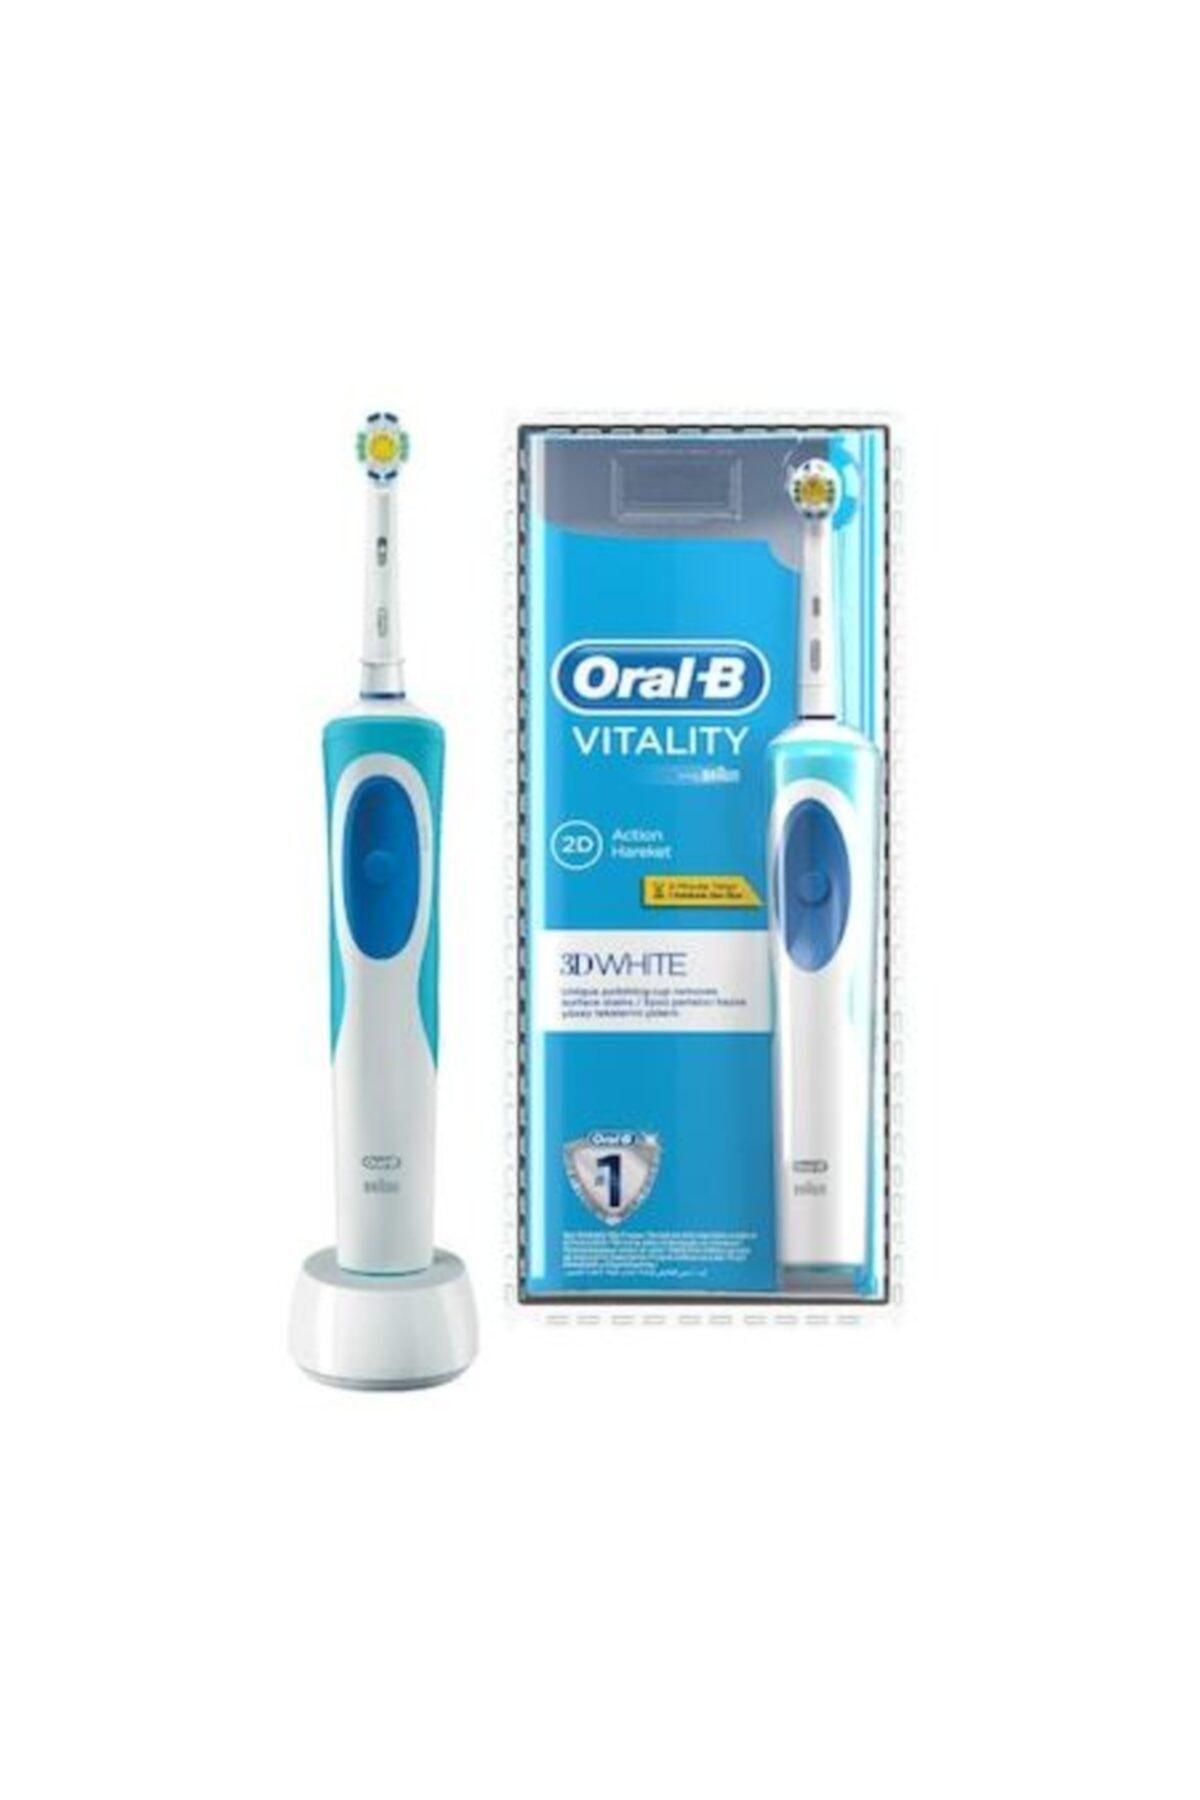 Oral-B Vitality Şarj Edilebilir Diş Fırçası 3D White 1